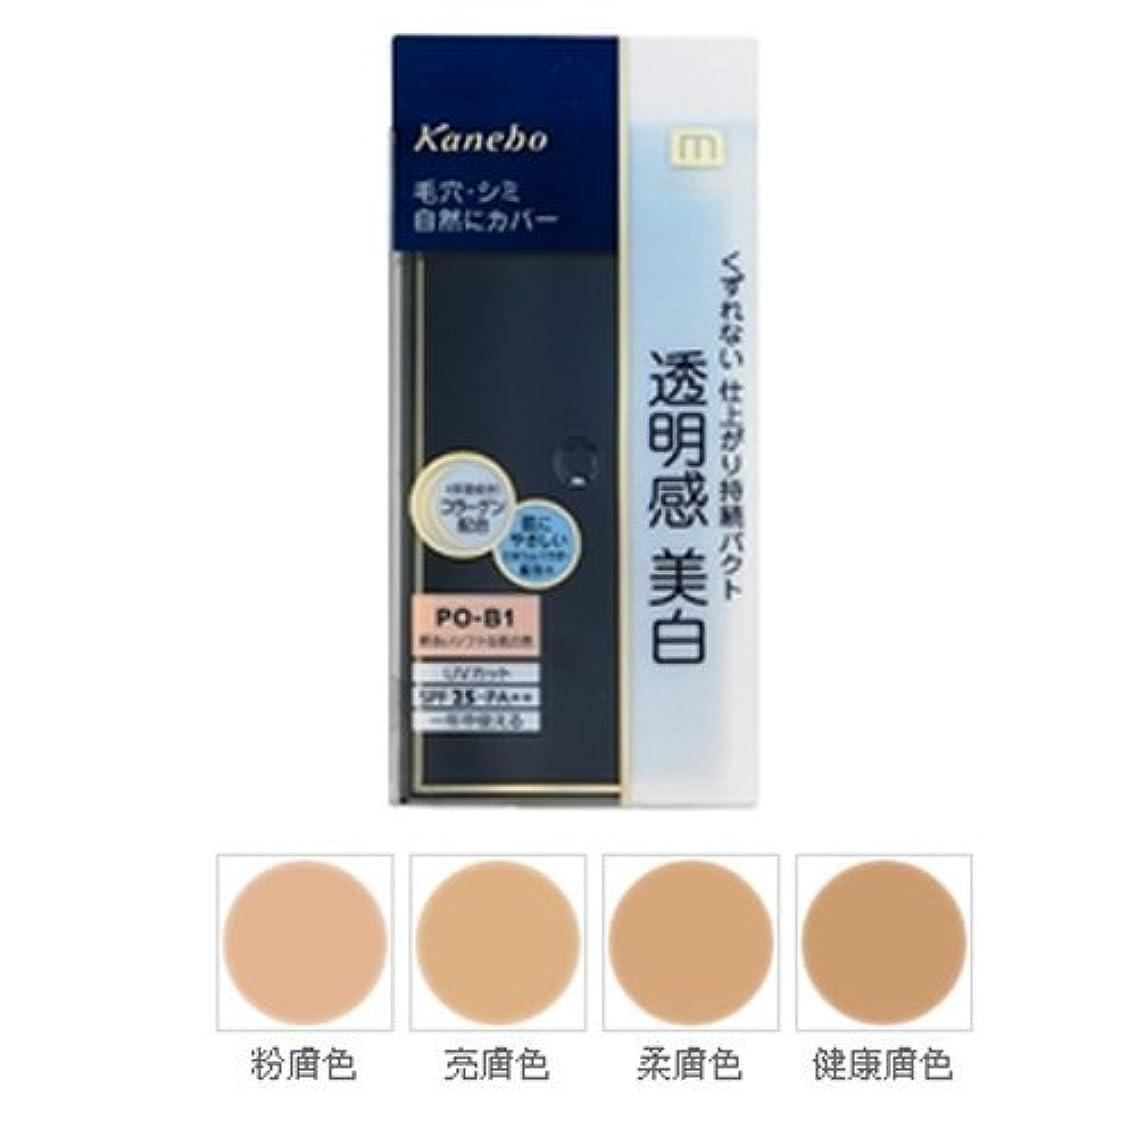 コークス挽くインテリアカネボウ メディア(media)ホワイトニングパクトA III カラー:OC-E1